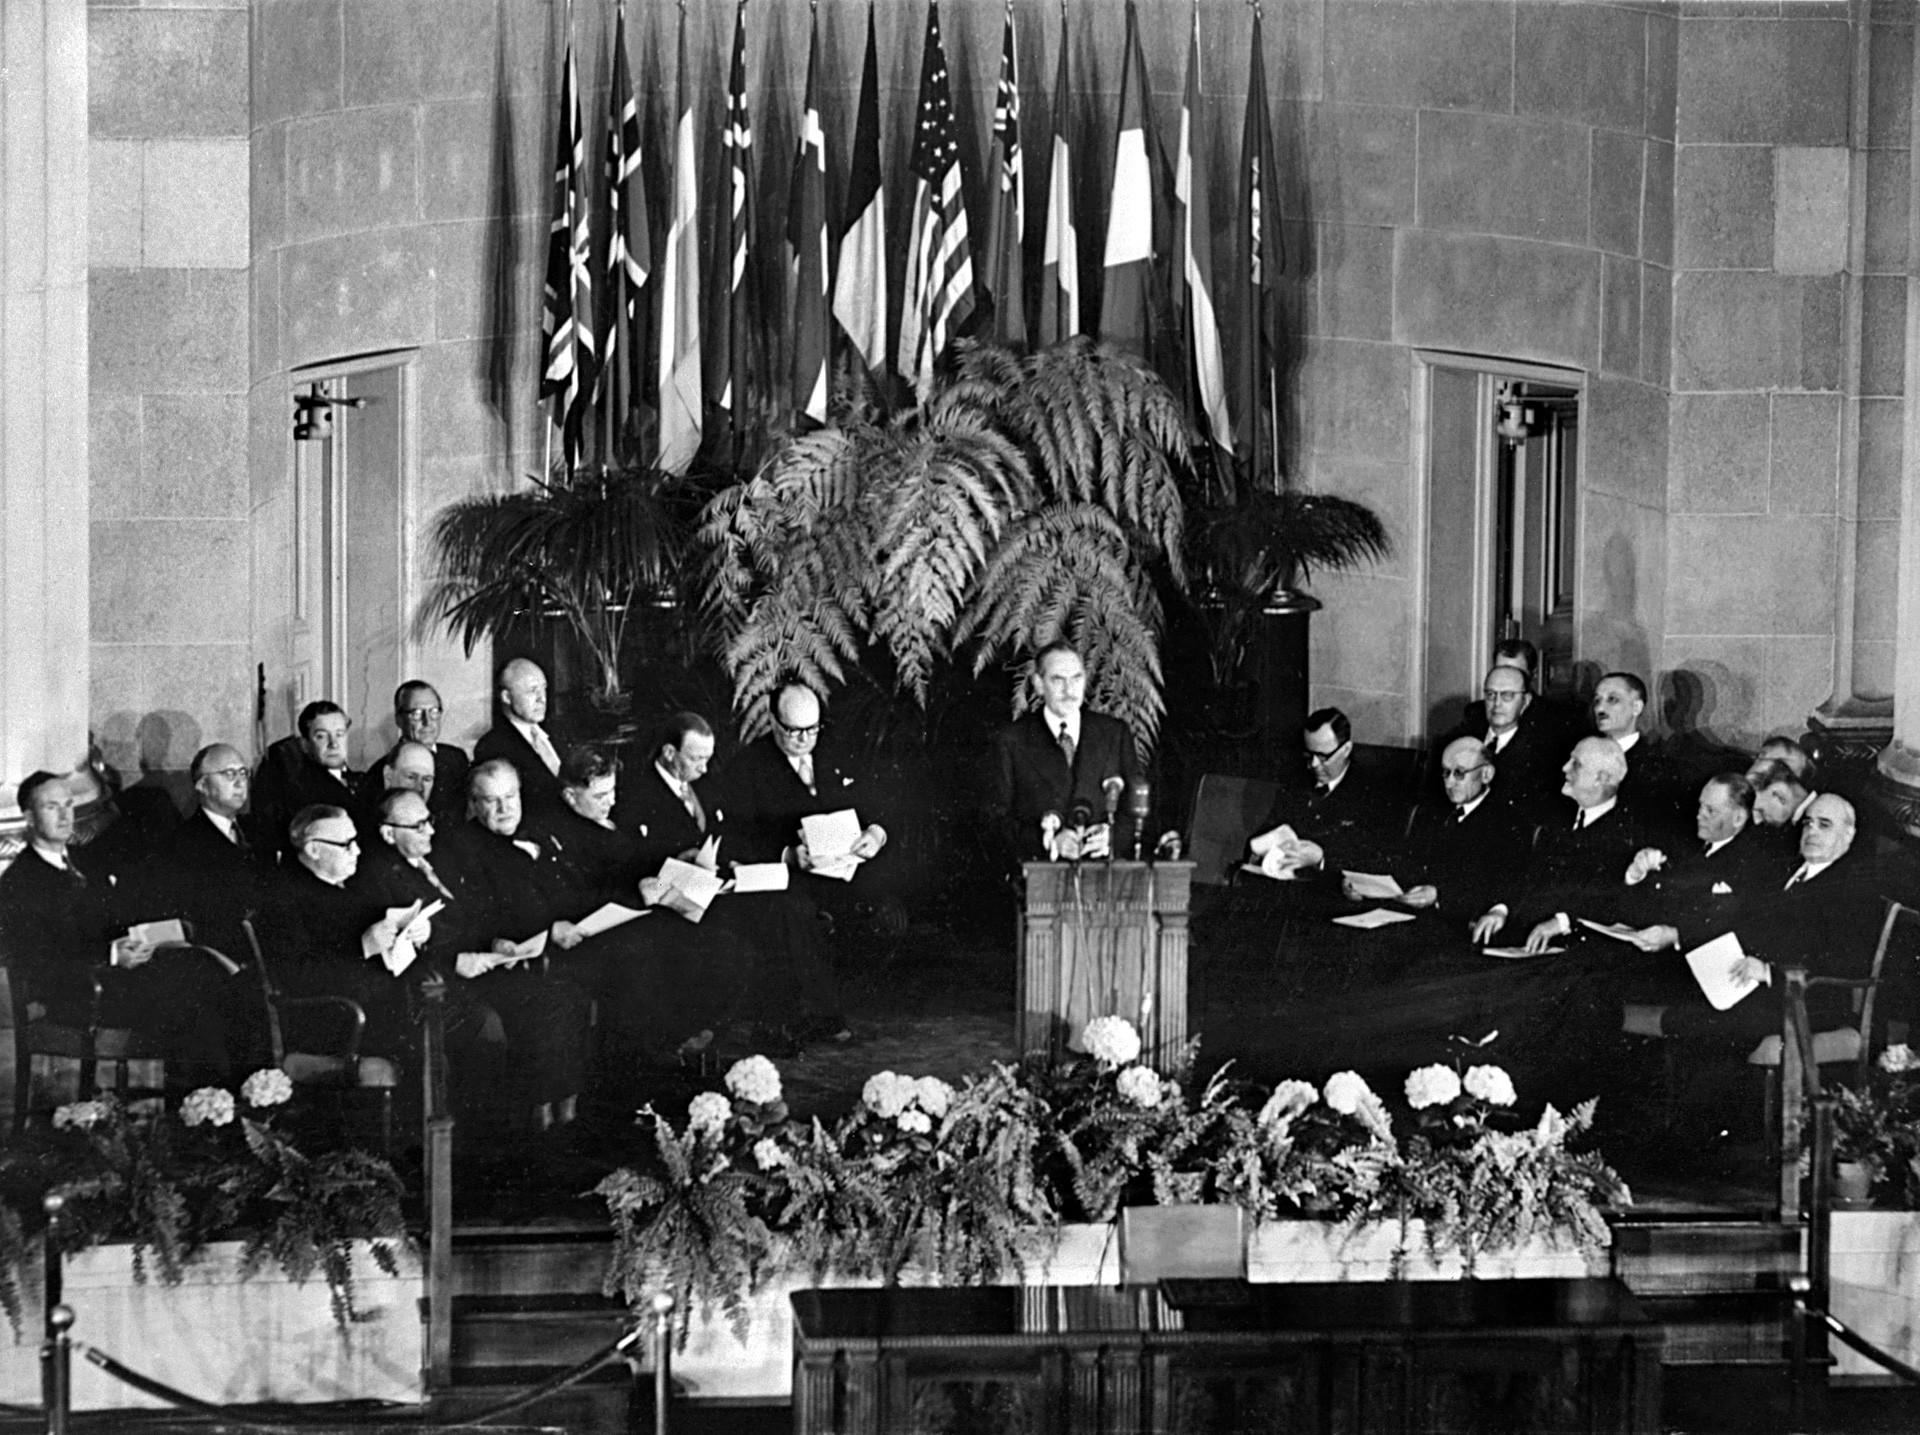 Ceremonia de fundación de la OTAN, 4 de abril de 1949.